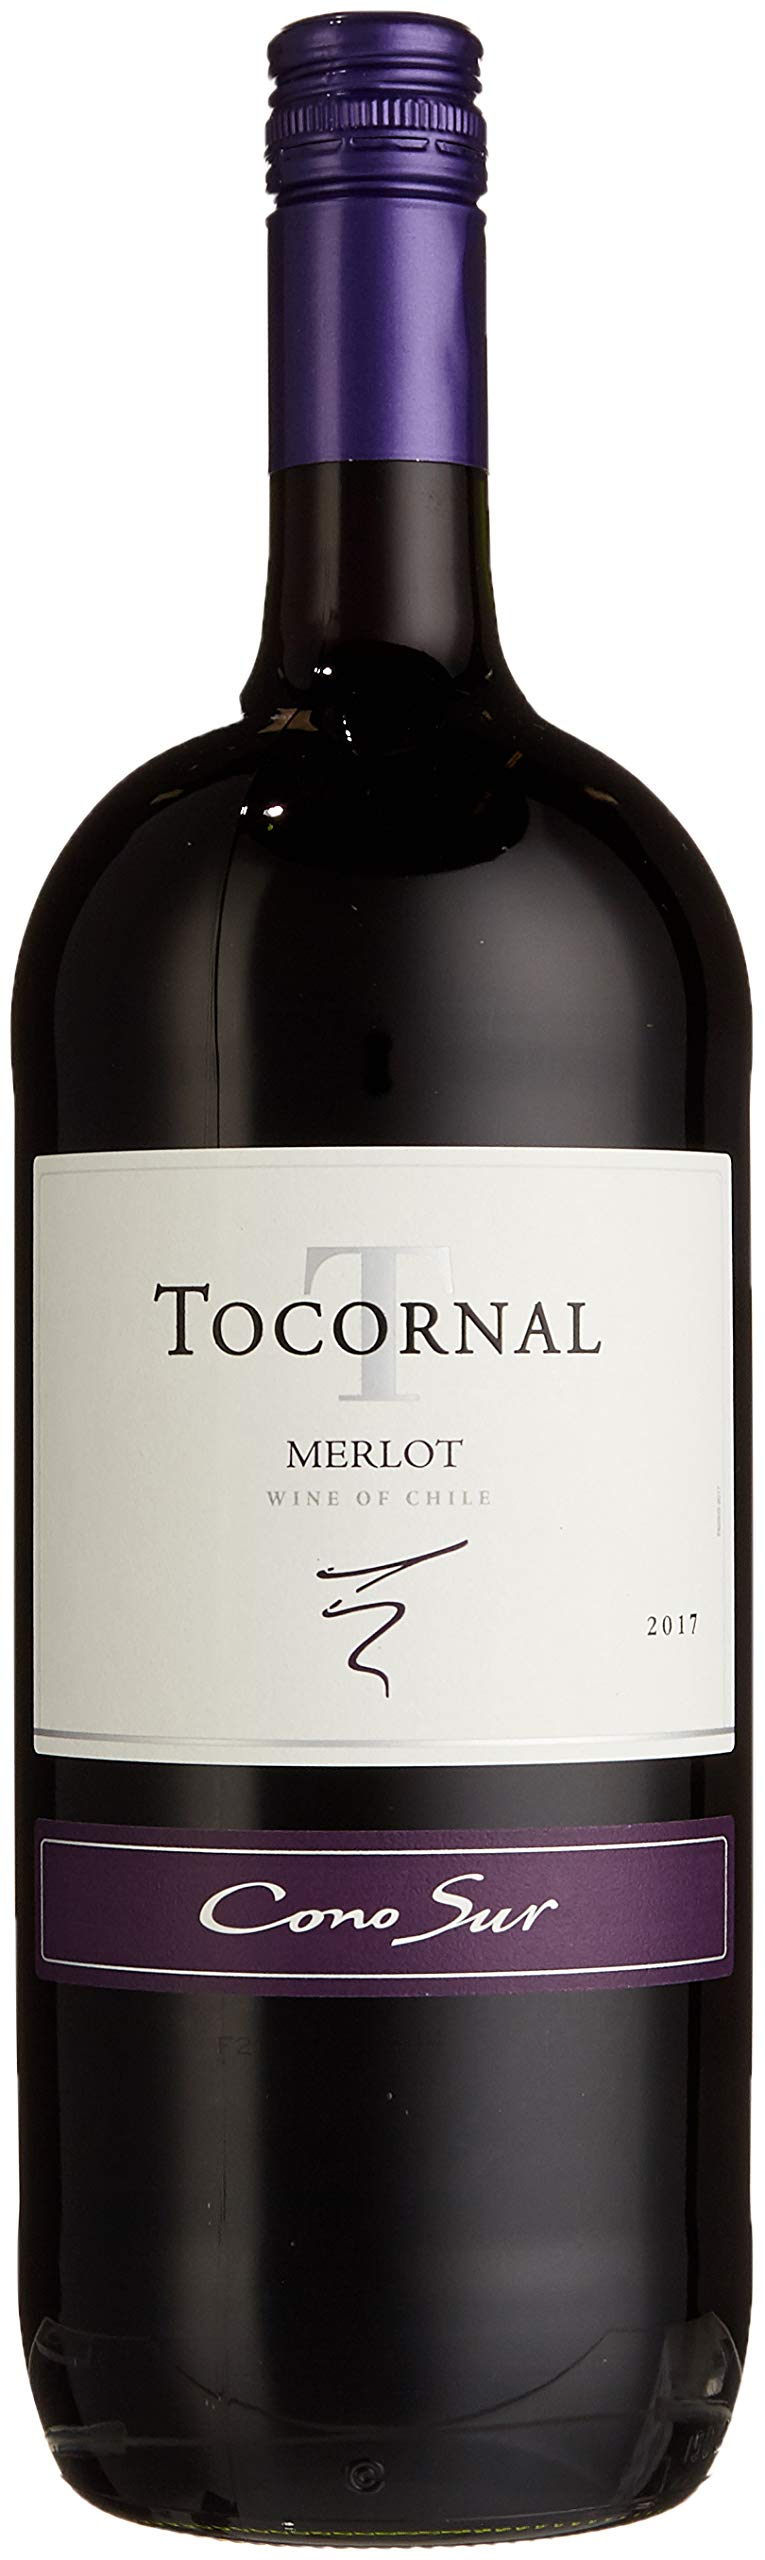 Cono-Sur-Tocornal-Merlot-Magnum-3er-Pack-3-x-15-L